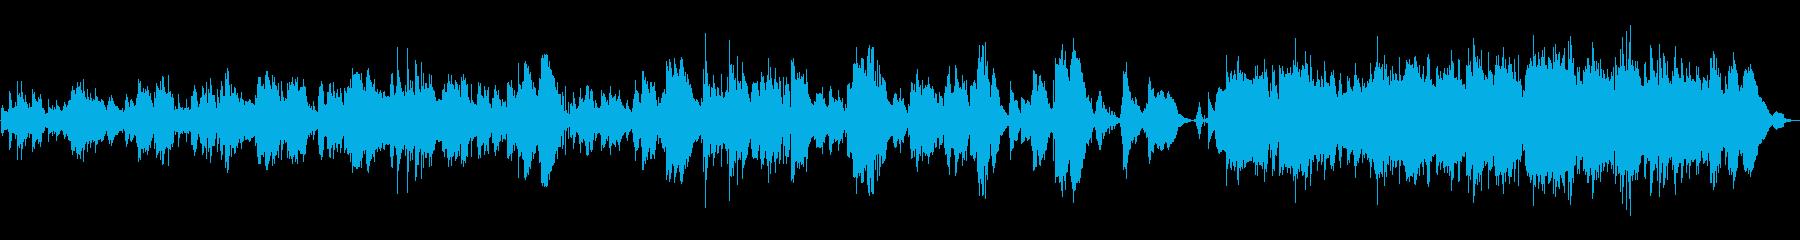 ポップ/ロック、女性ボーカル、情熱...の再生済みの波形